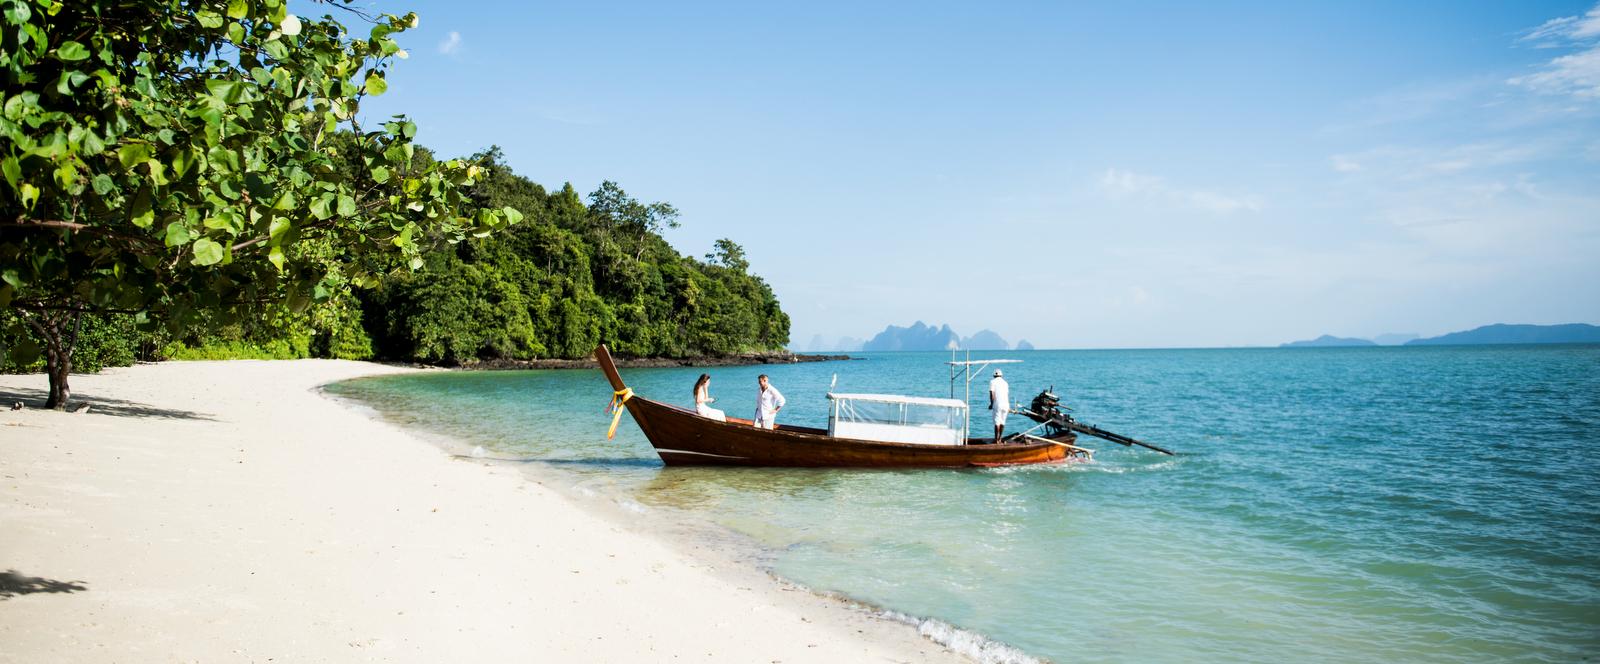 beach-como-point-yamu